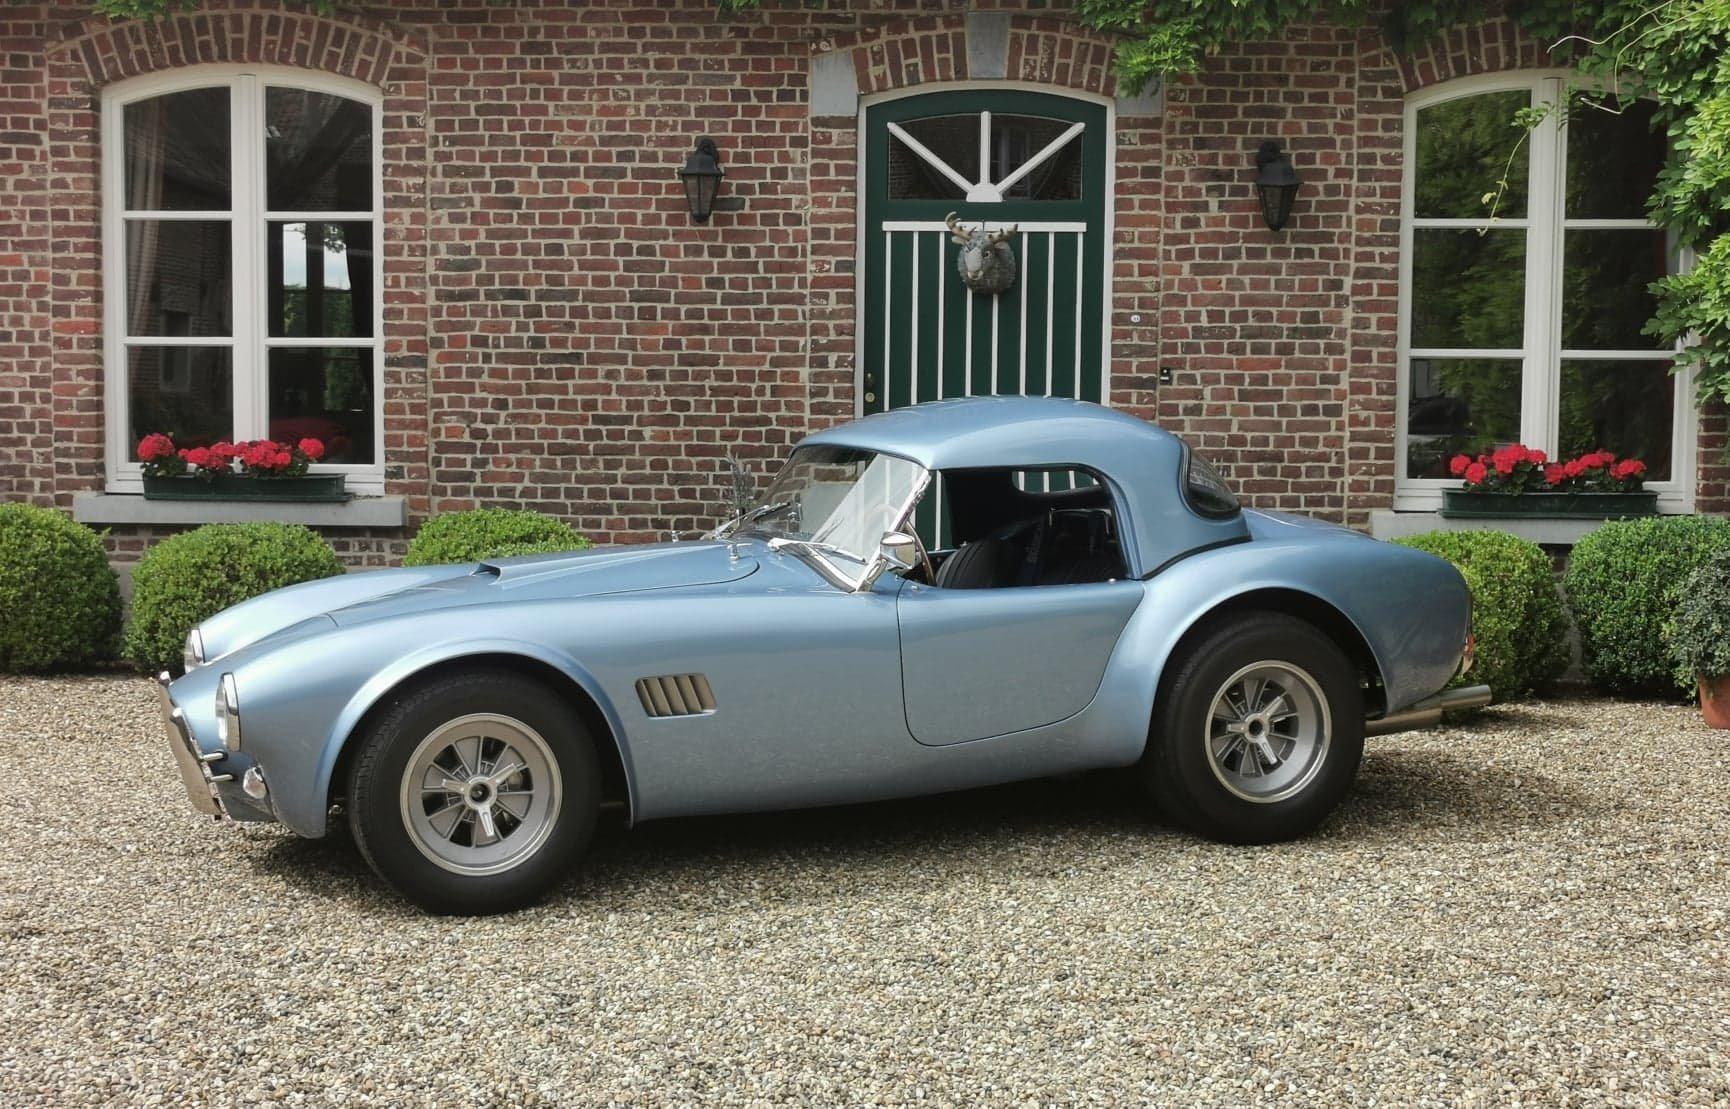 1965 AC Cobra (Hawk) 289 FIA For Sale (picture 1 of 6)